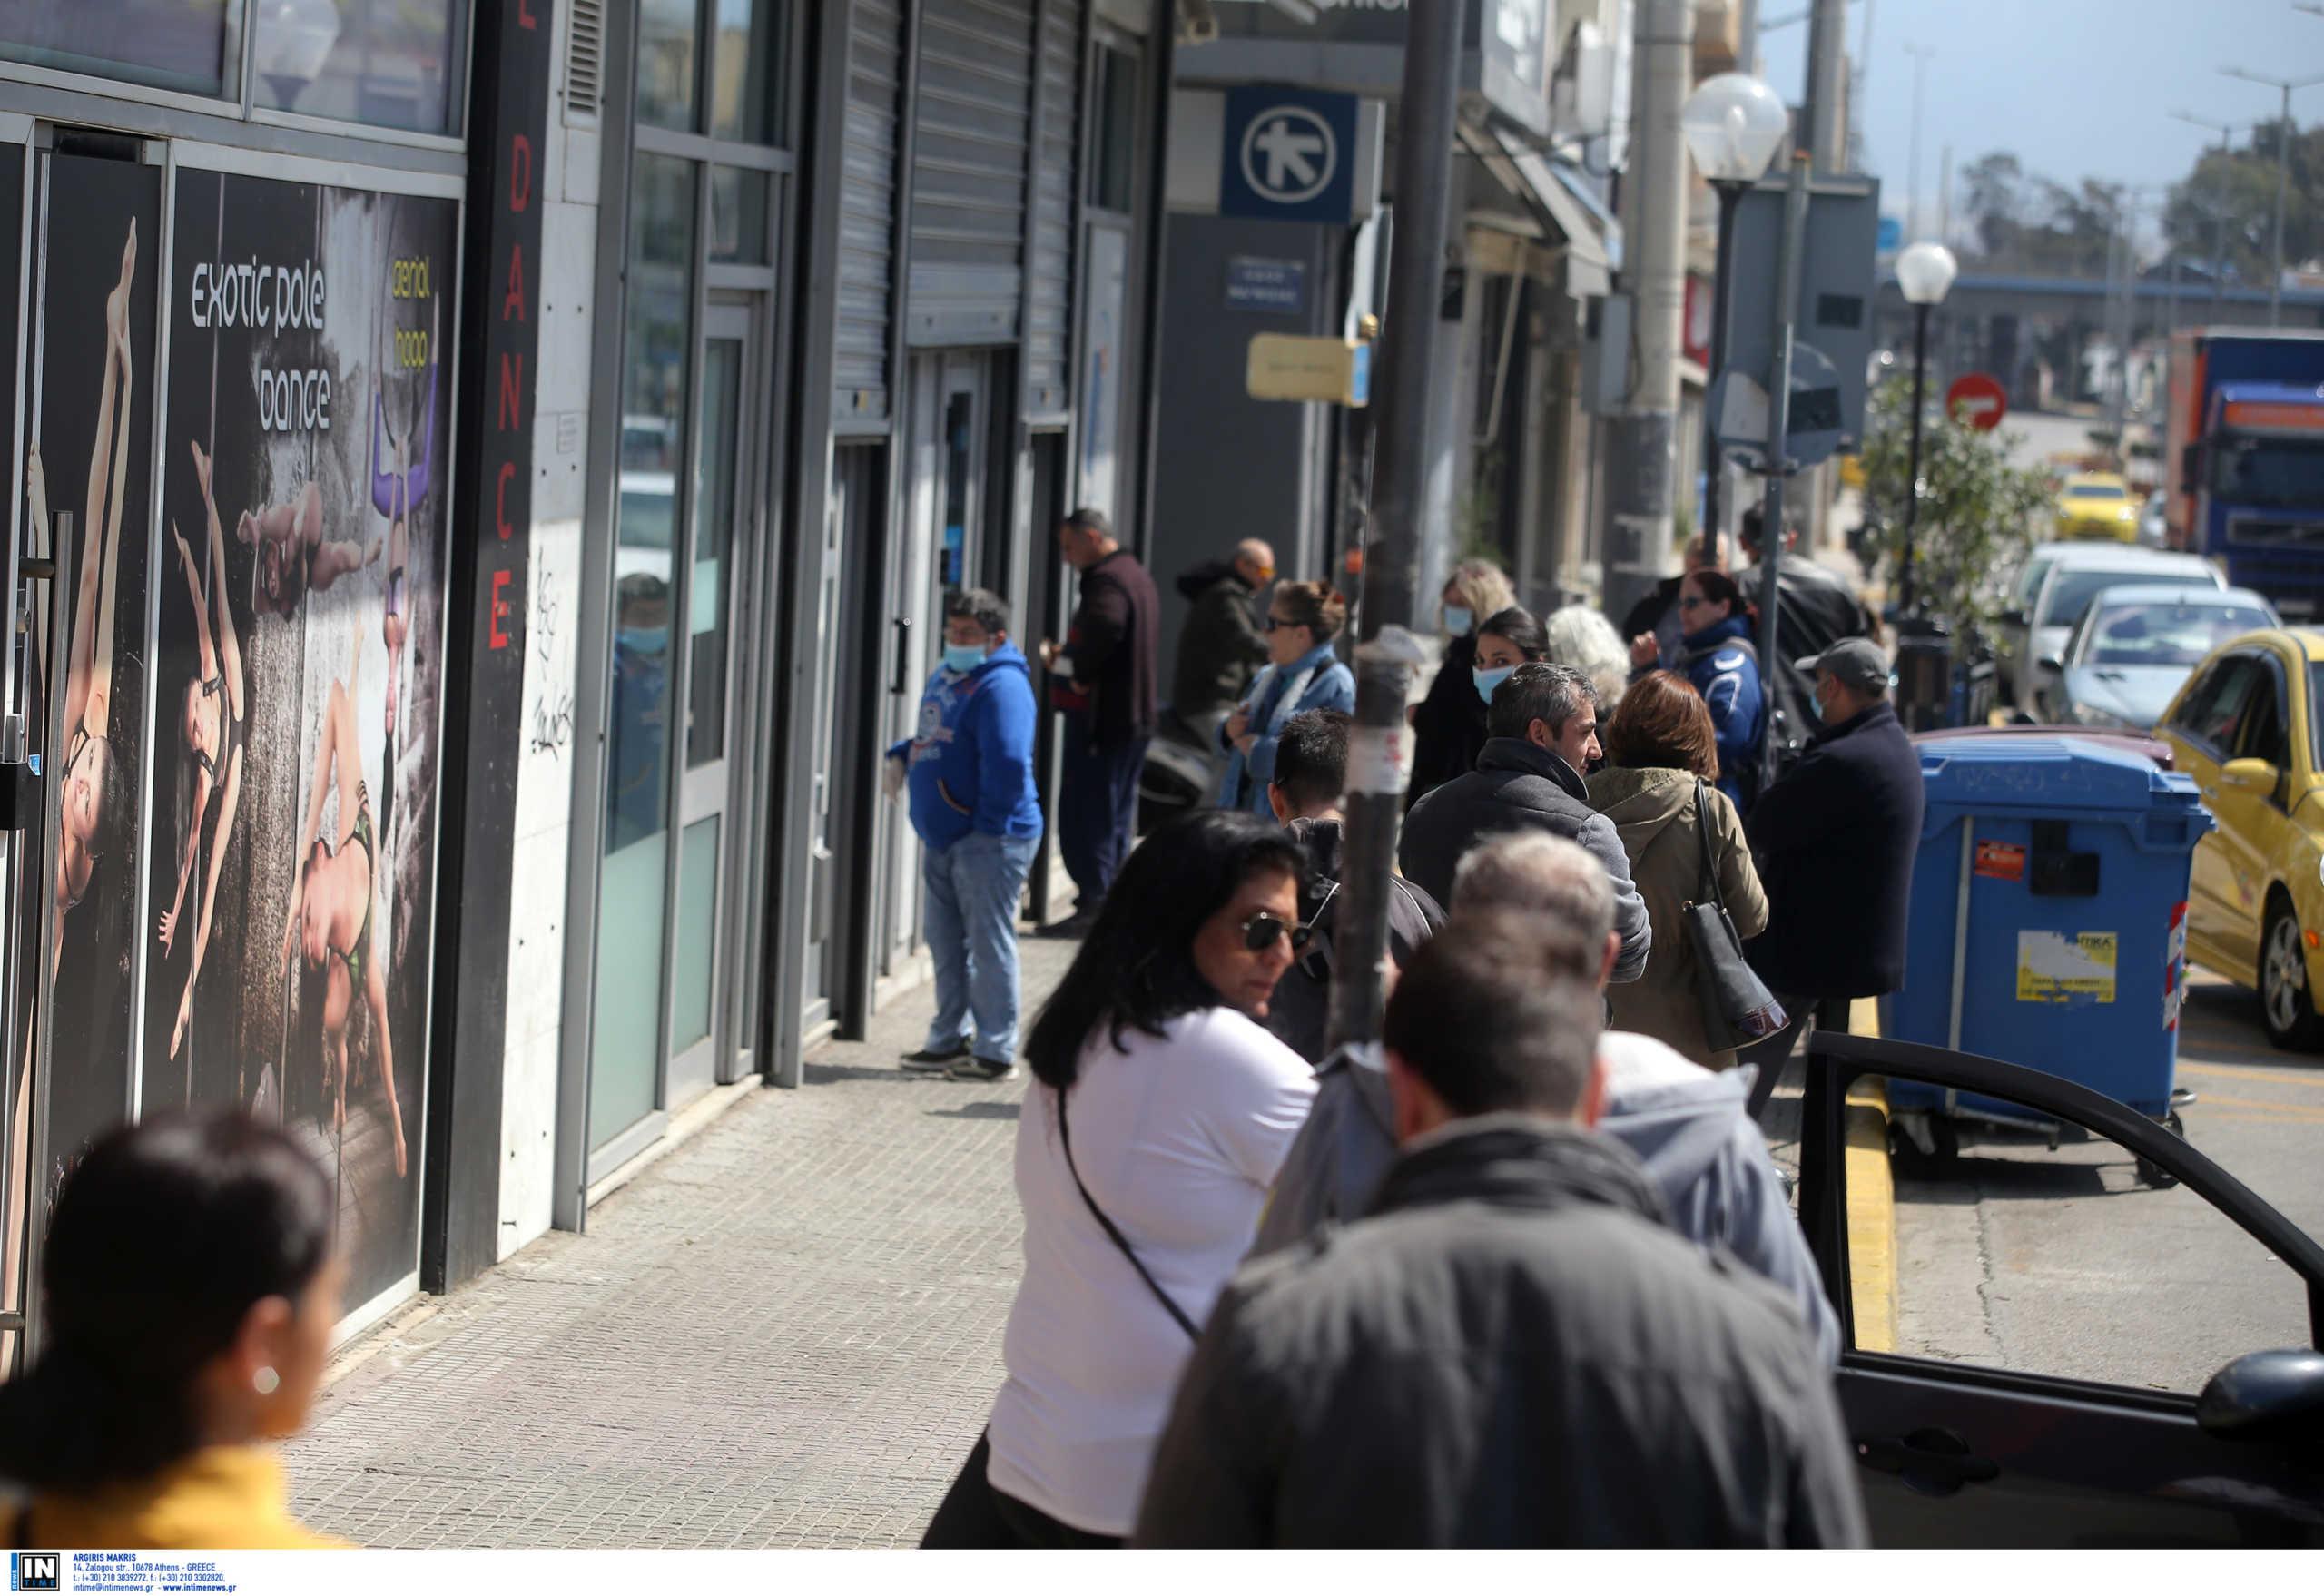 Ελληνικές τράπεζες: Πάνω από 77 δισ. ευρώ η ρευστότητα που διαθέτουν